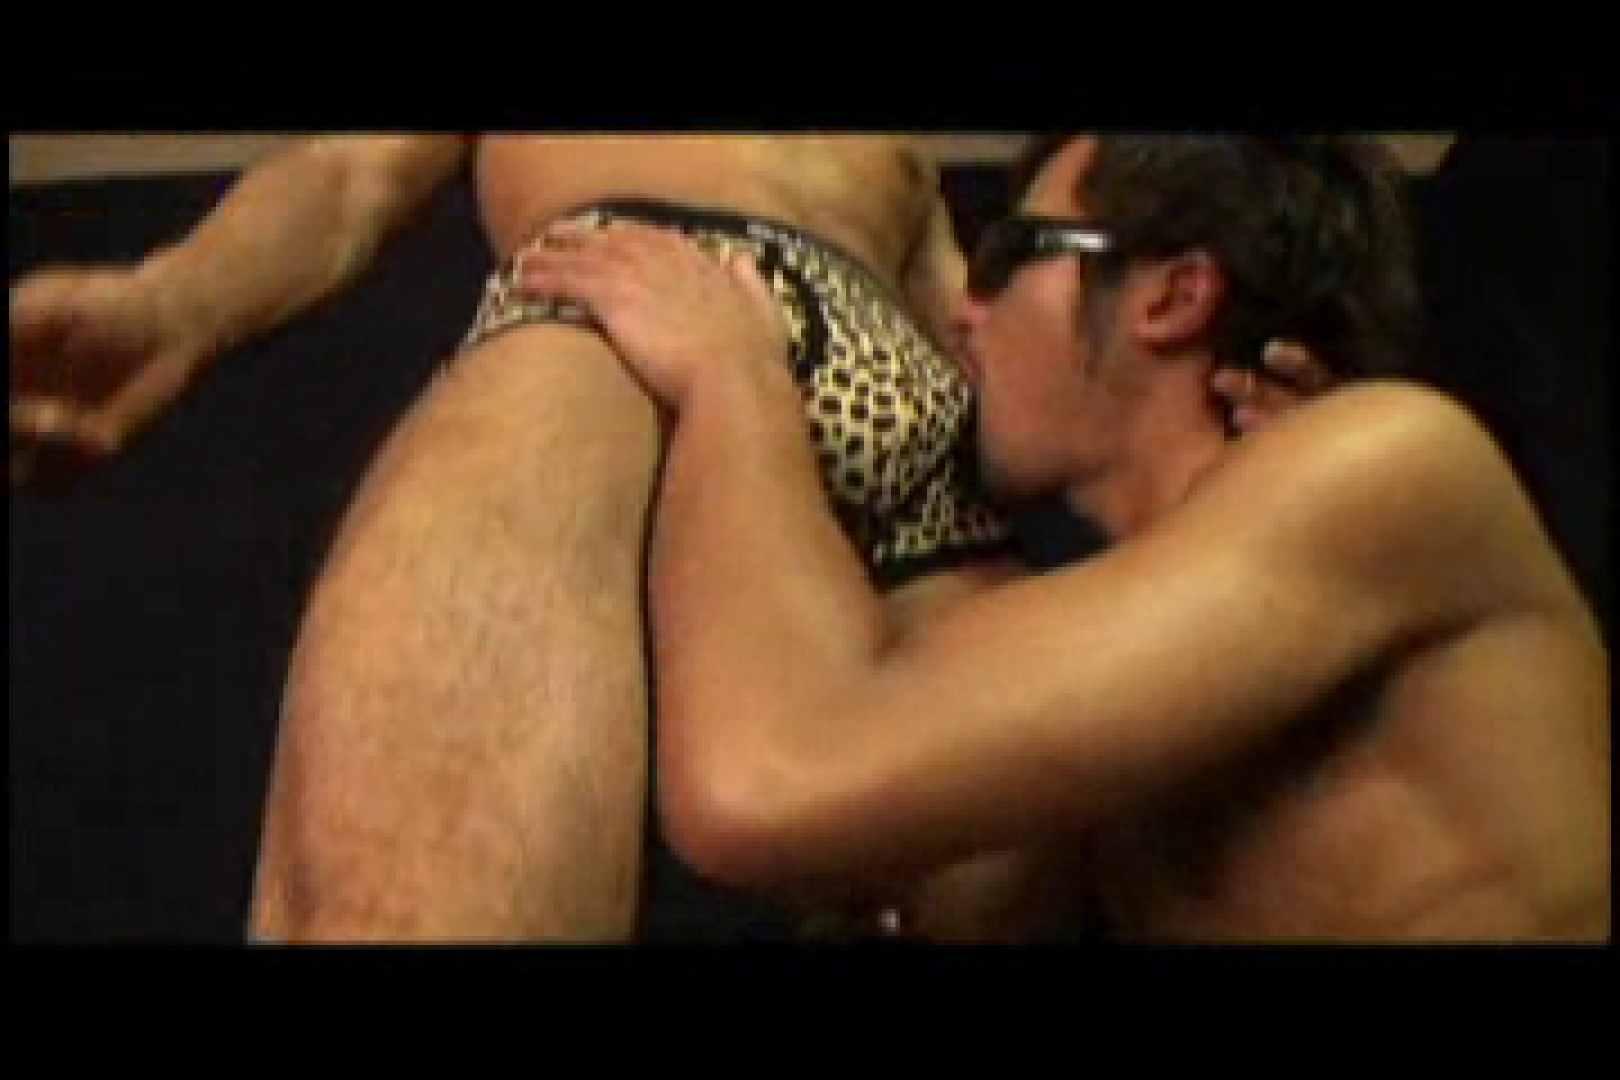 スジ筋ガチムチゴーグルマンvol7 ゲイのセックス ゲイアダルトビデオ画像 91枚 60